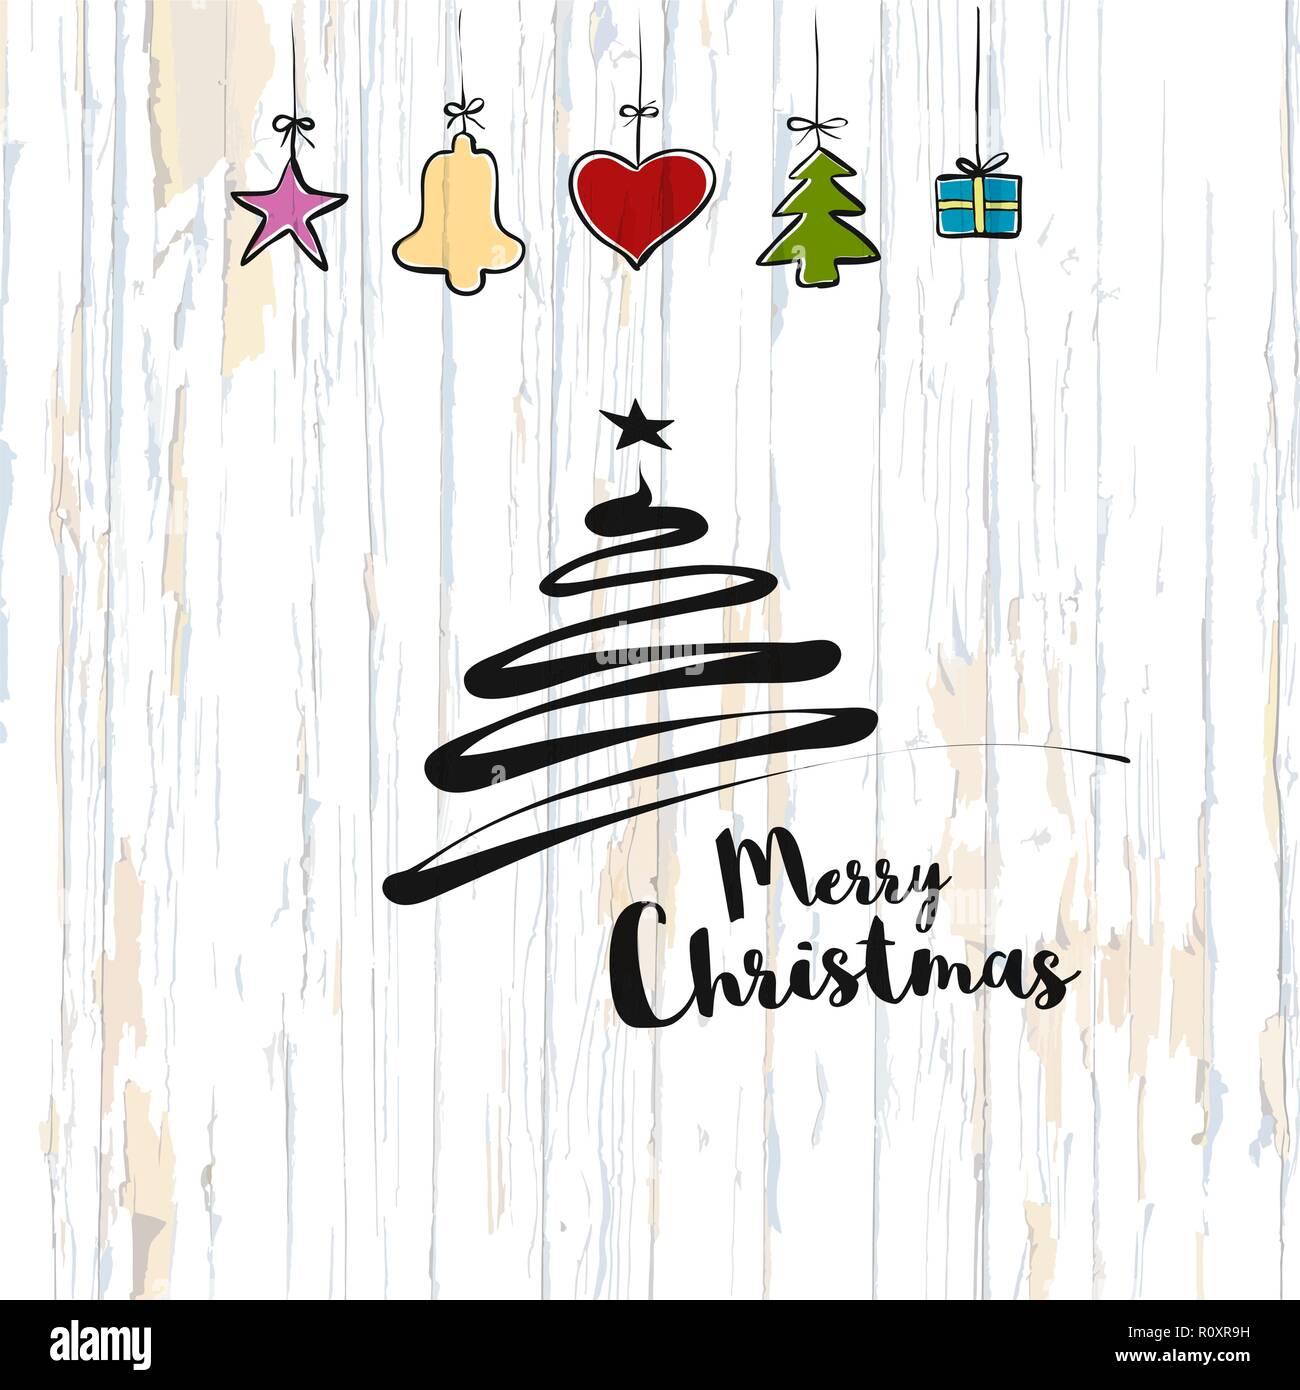 Weihnachten Skizze auf Holz- Hintergrund. Vector Illustration von ...